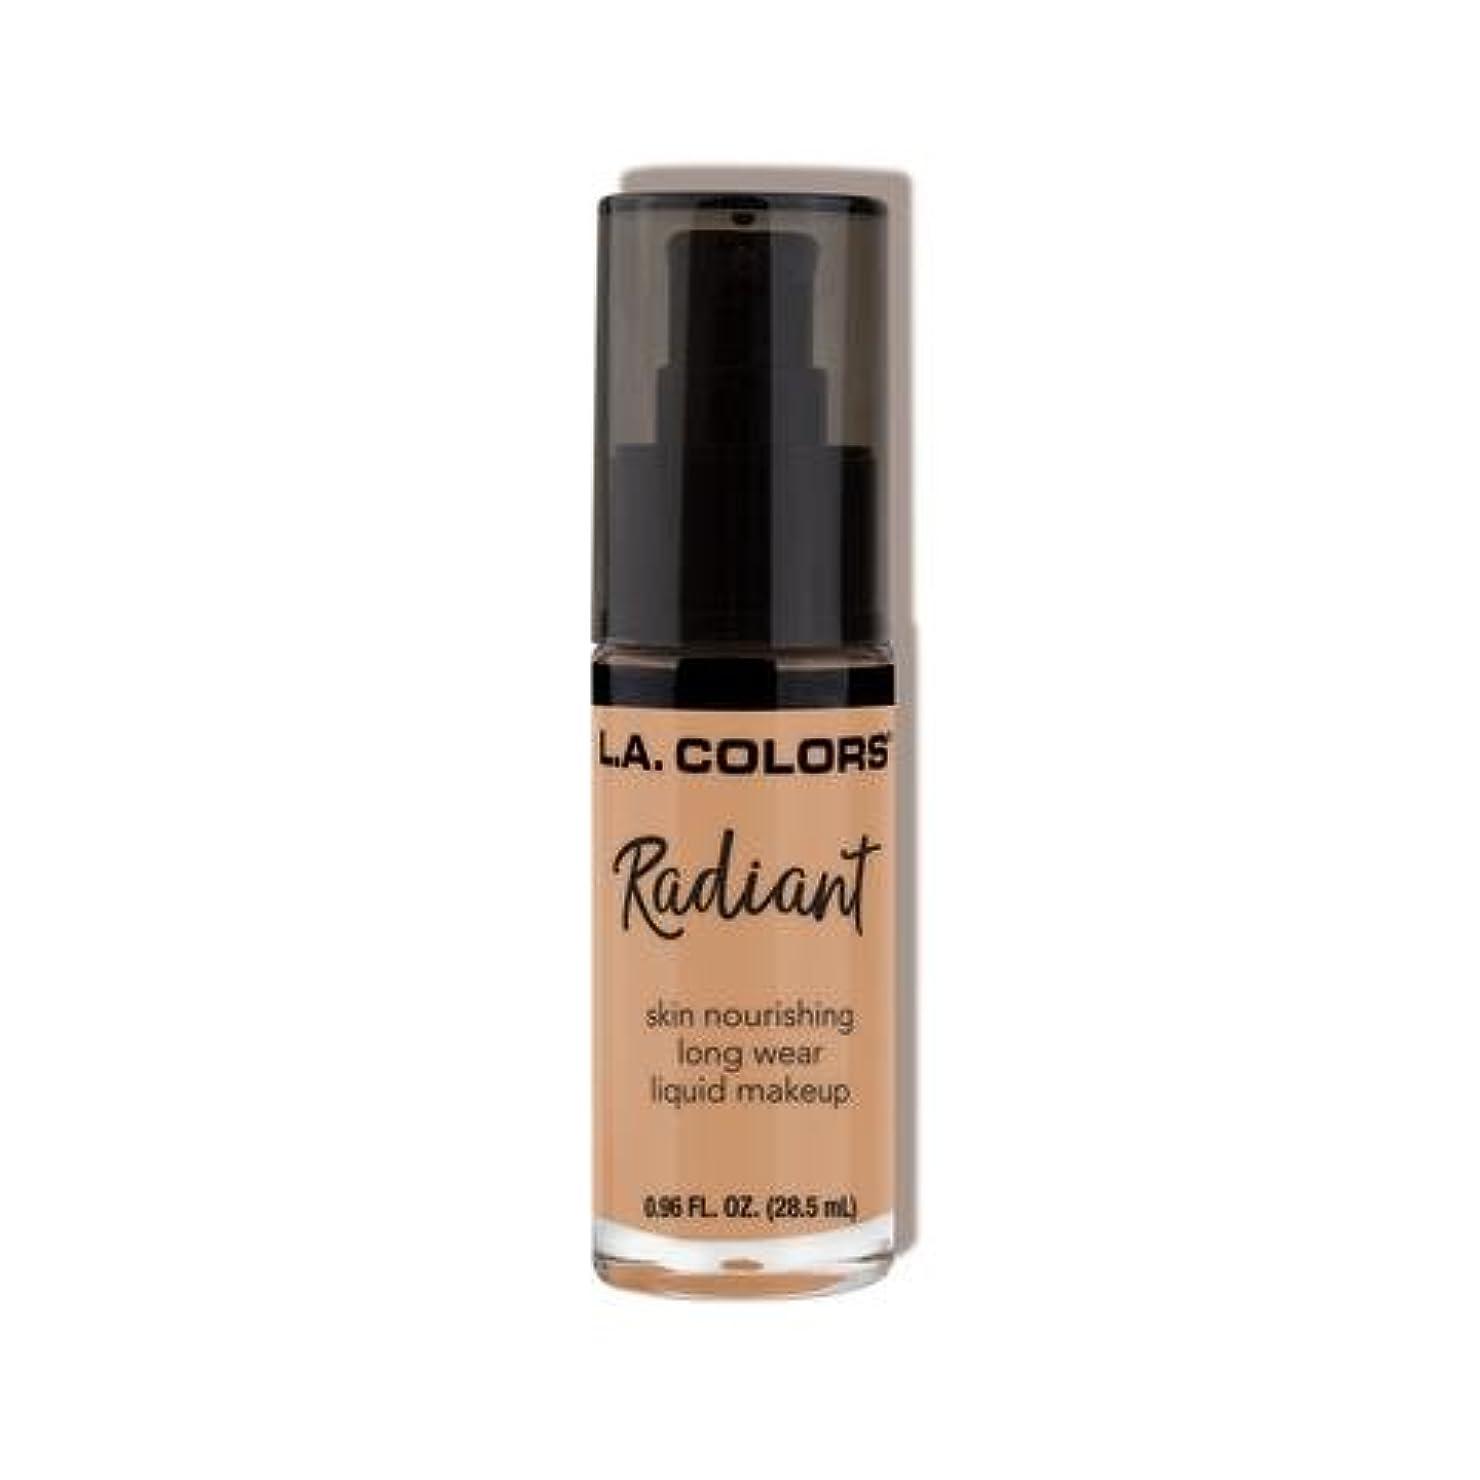 調停する寄付する消費する(3 Pack) L.A. COLORS Radiant Liquid Makeup - Light Tan (並行輸入品)